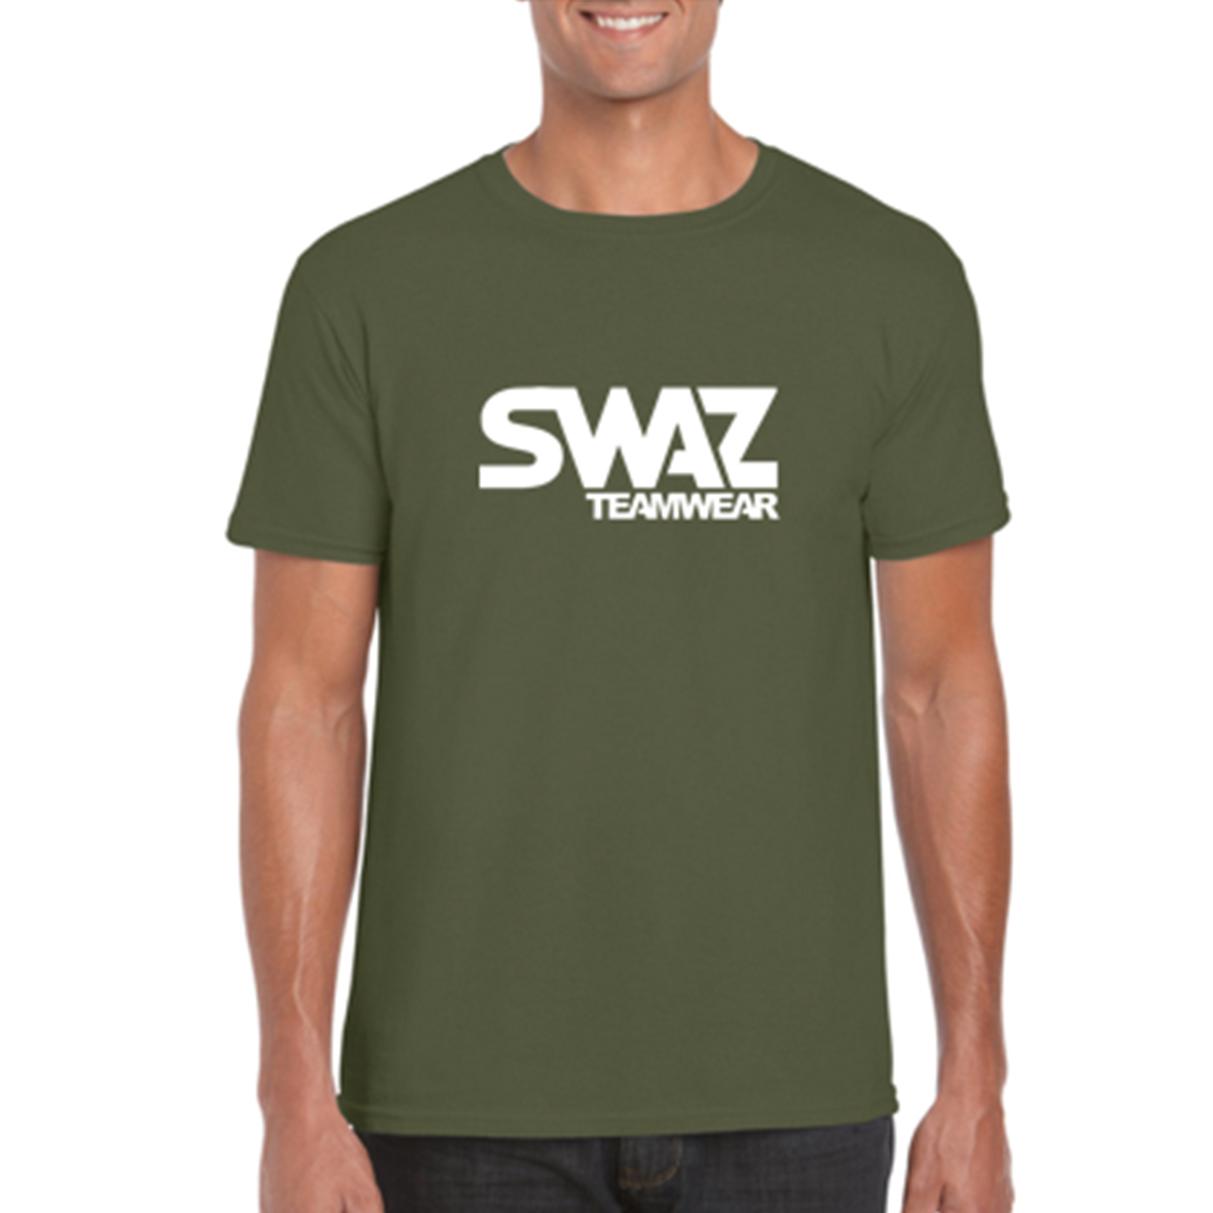 SWAZ Teamwear Military Green Classic T-Shirt